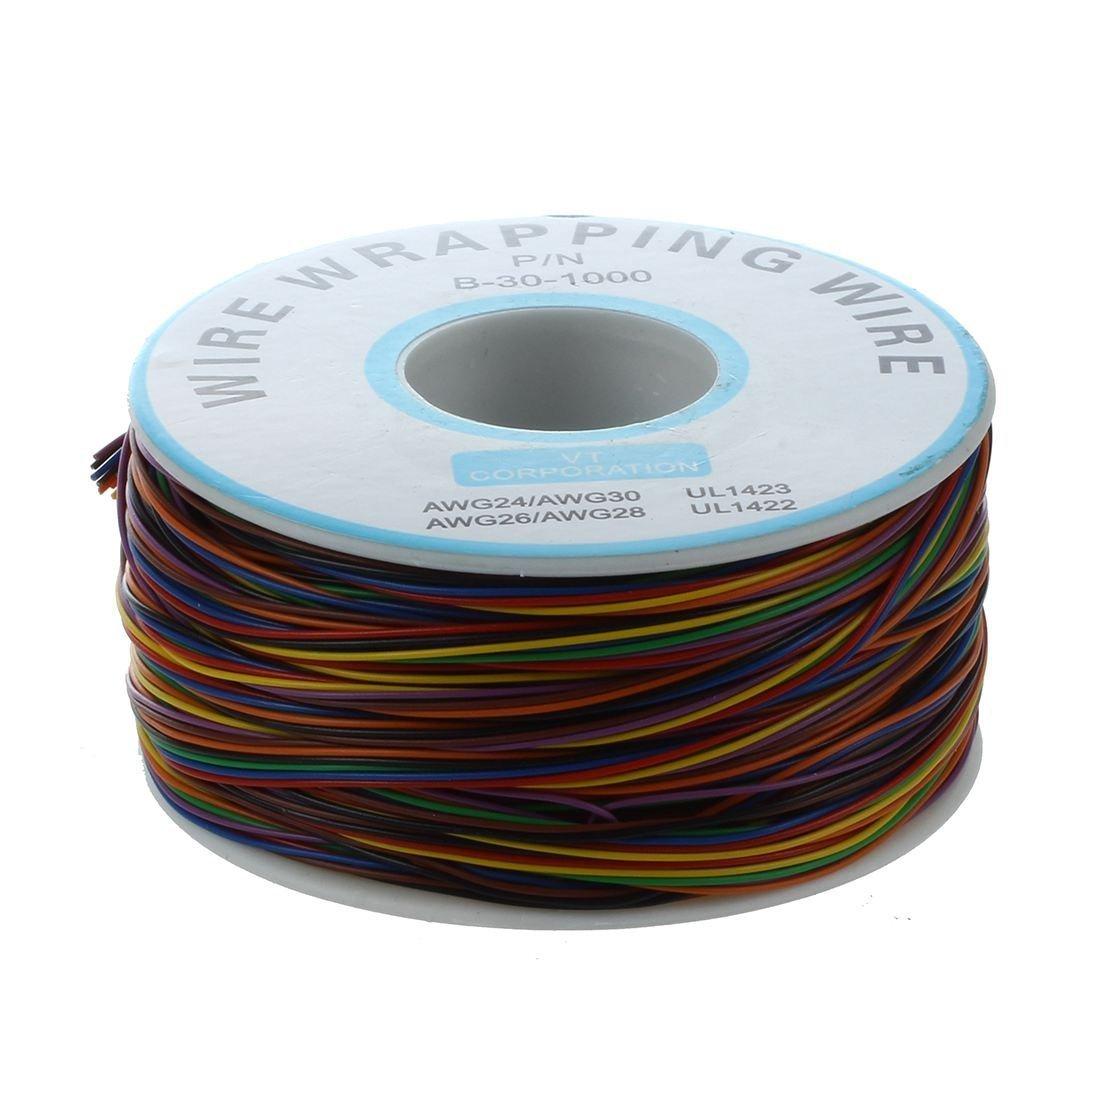 SODIAL(R) P / N B-30-1000 200M 30AWG Cable de embalaje de prueba de aislamiento de 8 hilos: Amazon.es: Electrónica